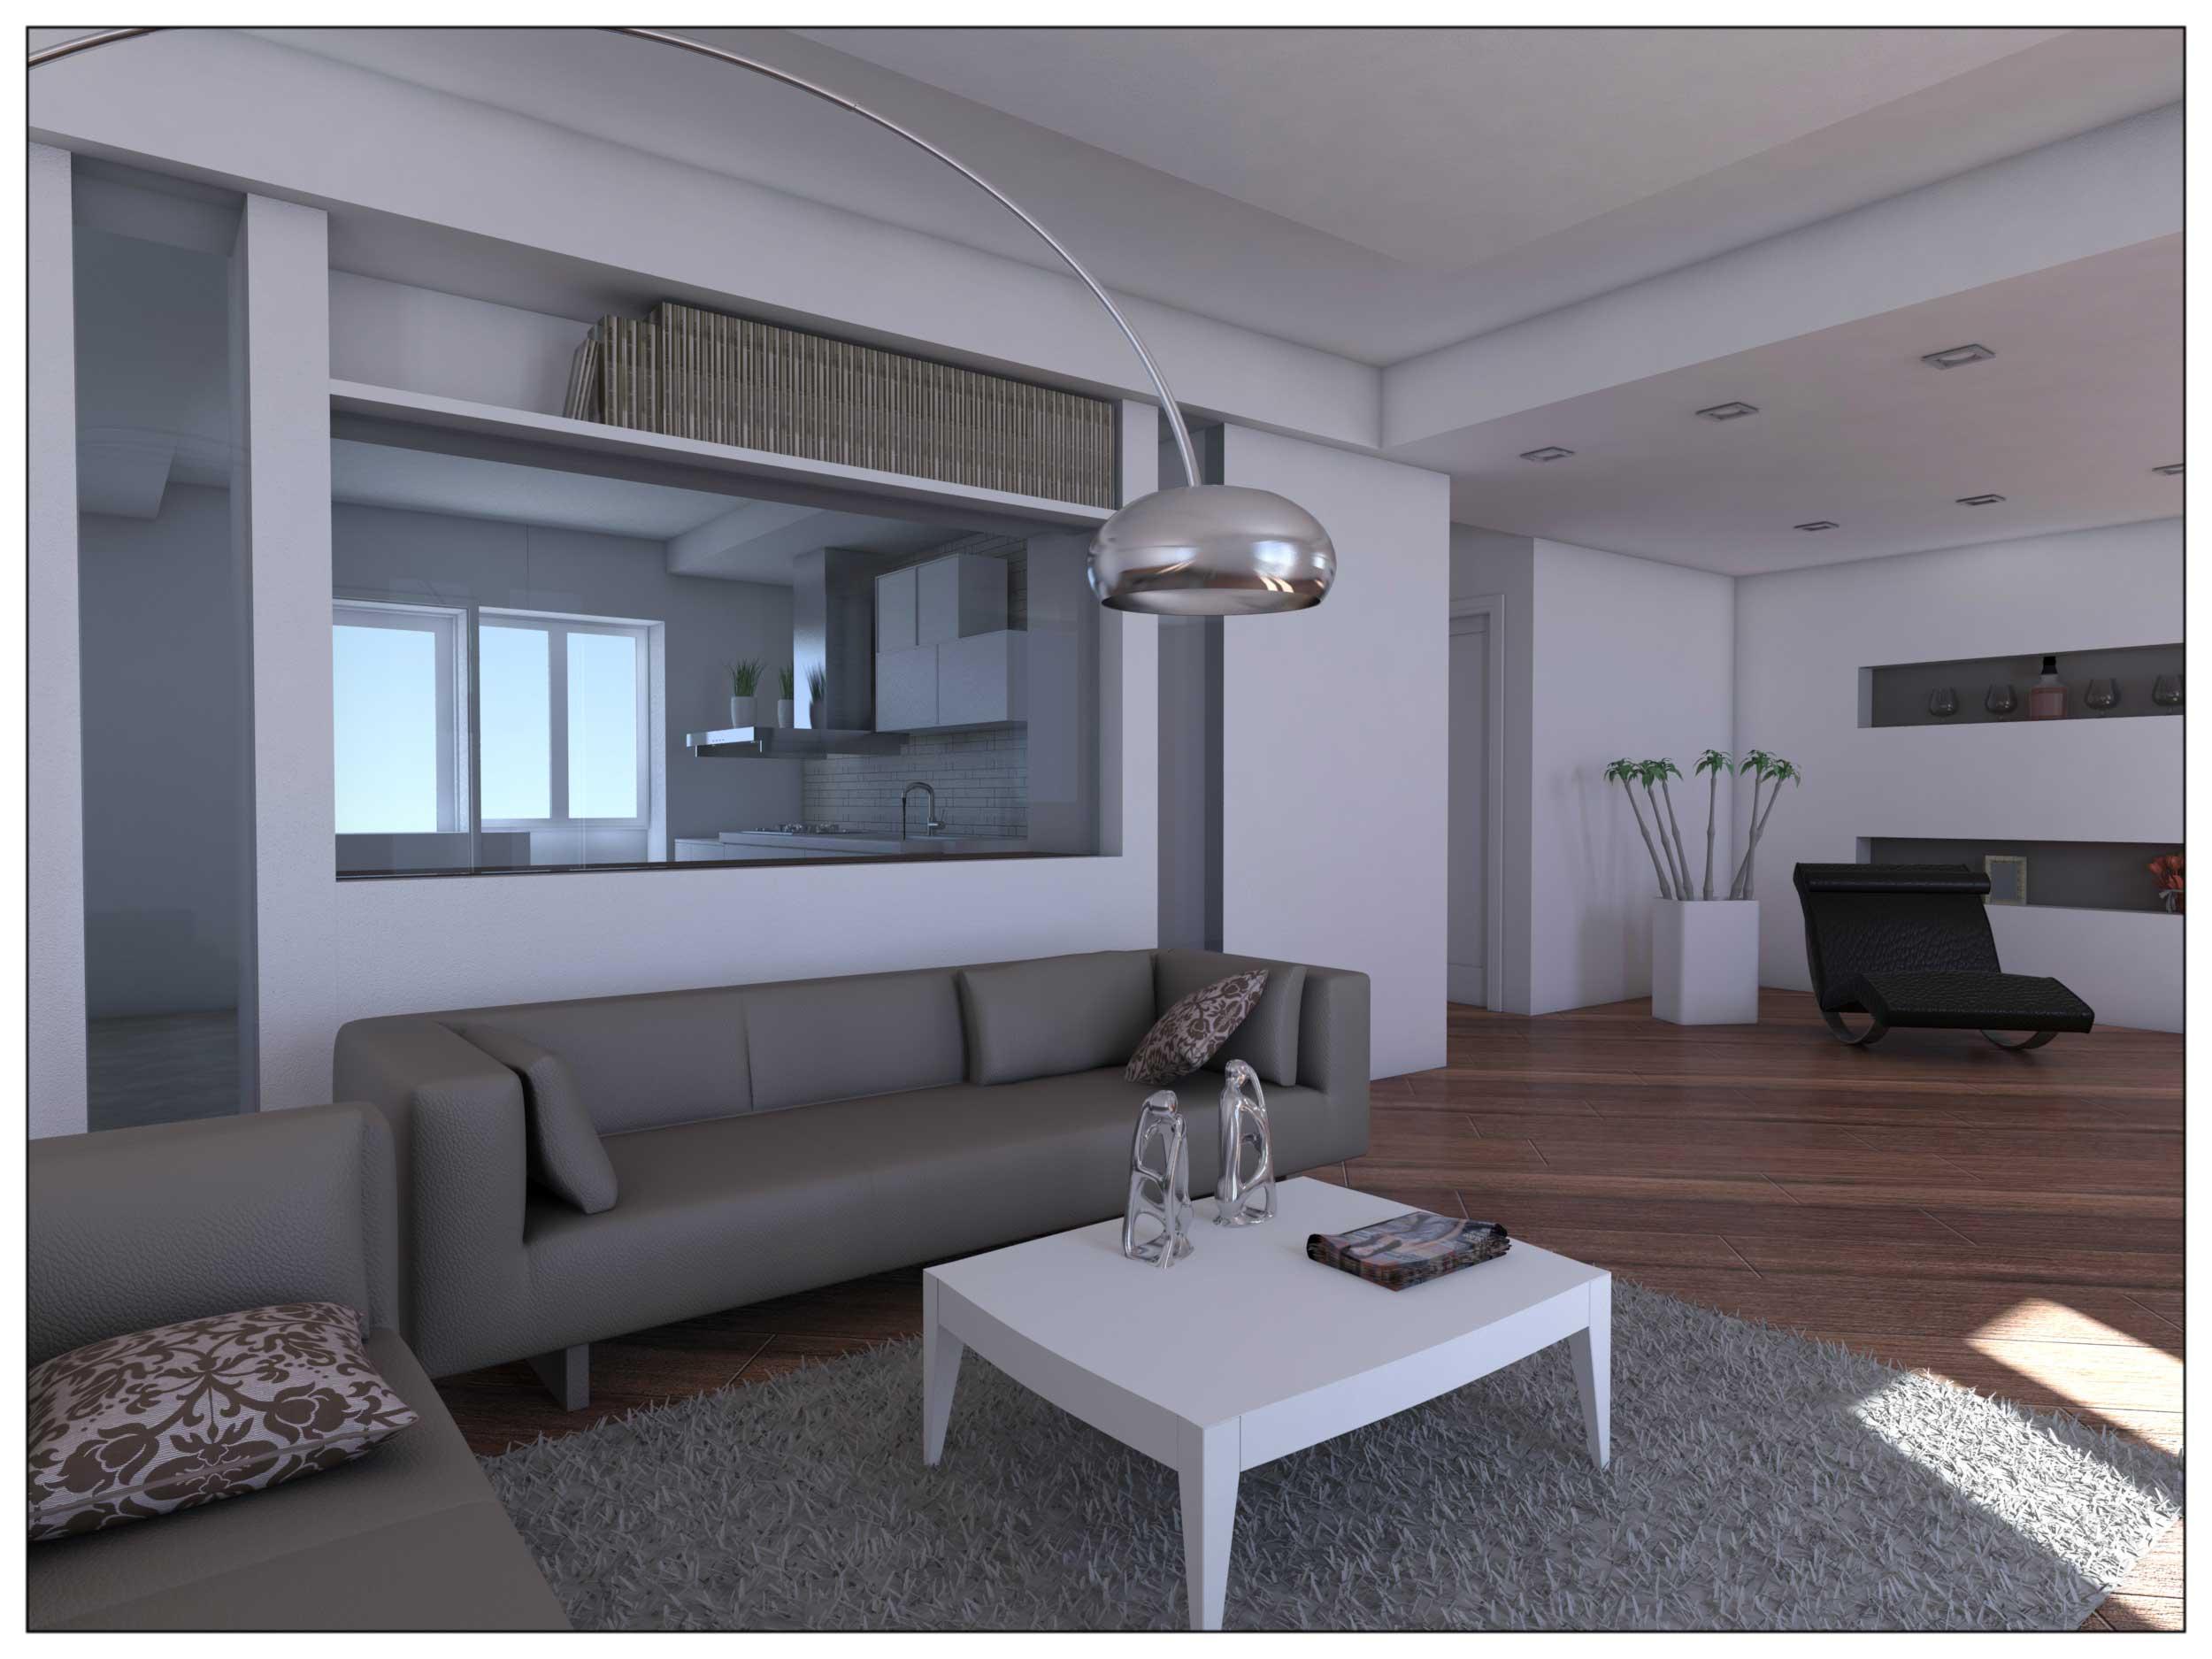 Studio ardesia progetto di ristrutturazione appartamento for Progetto ristrutturazione appartamento